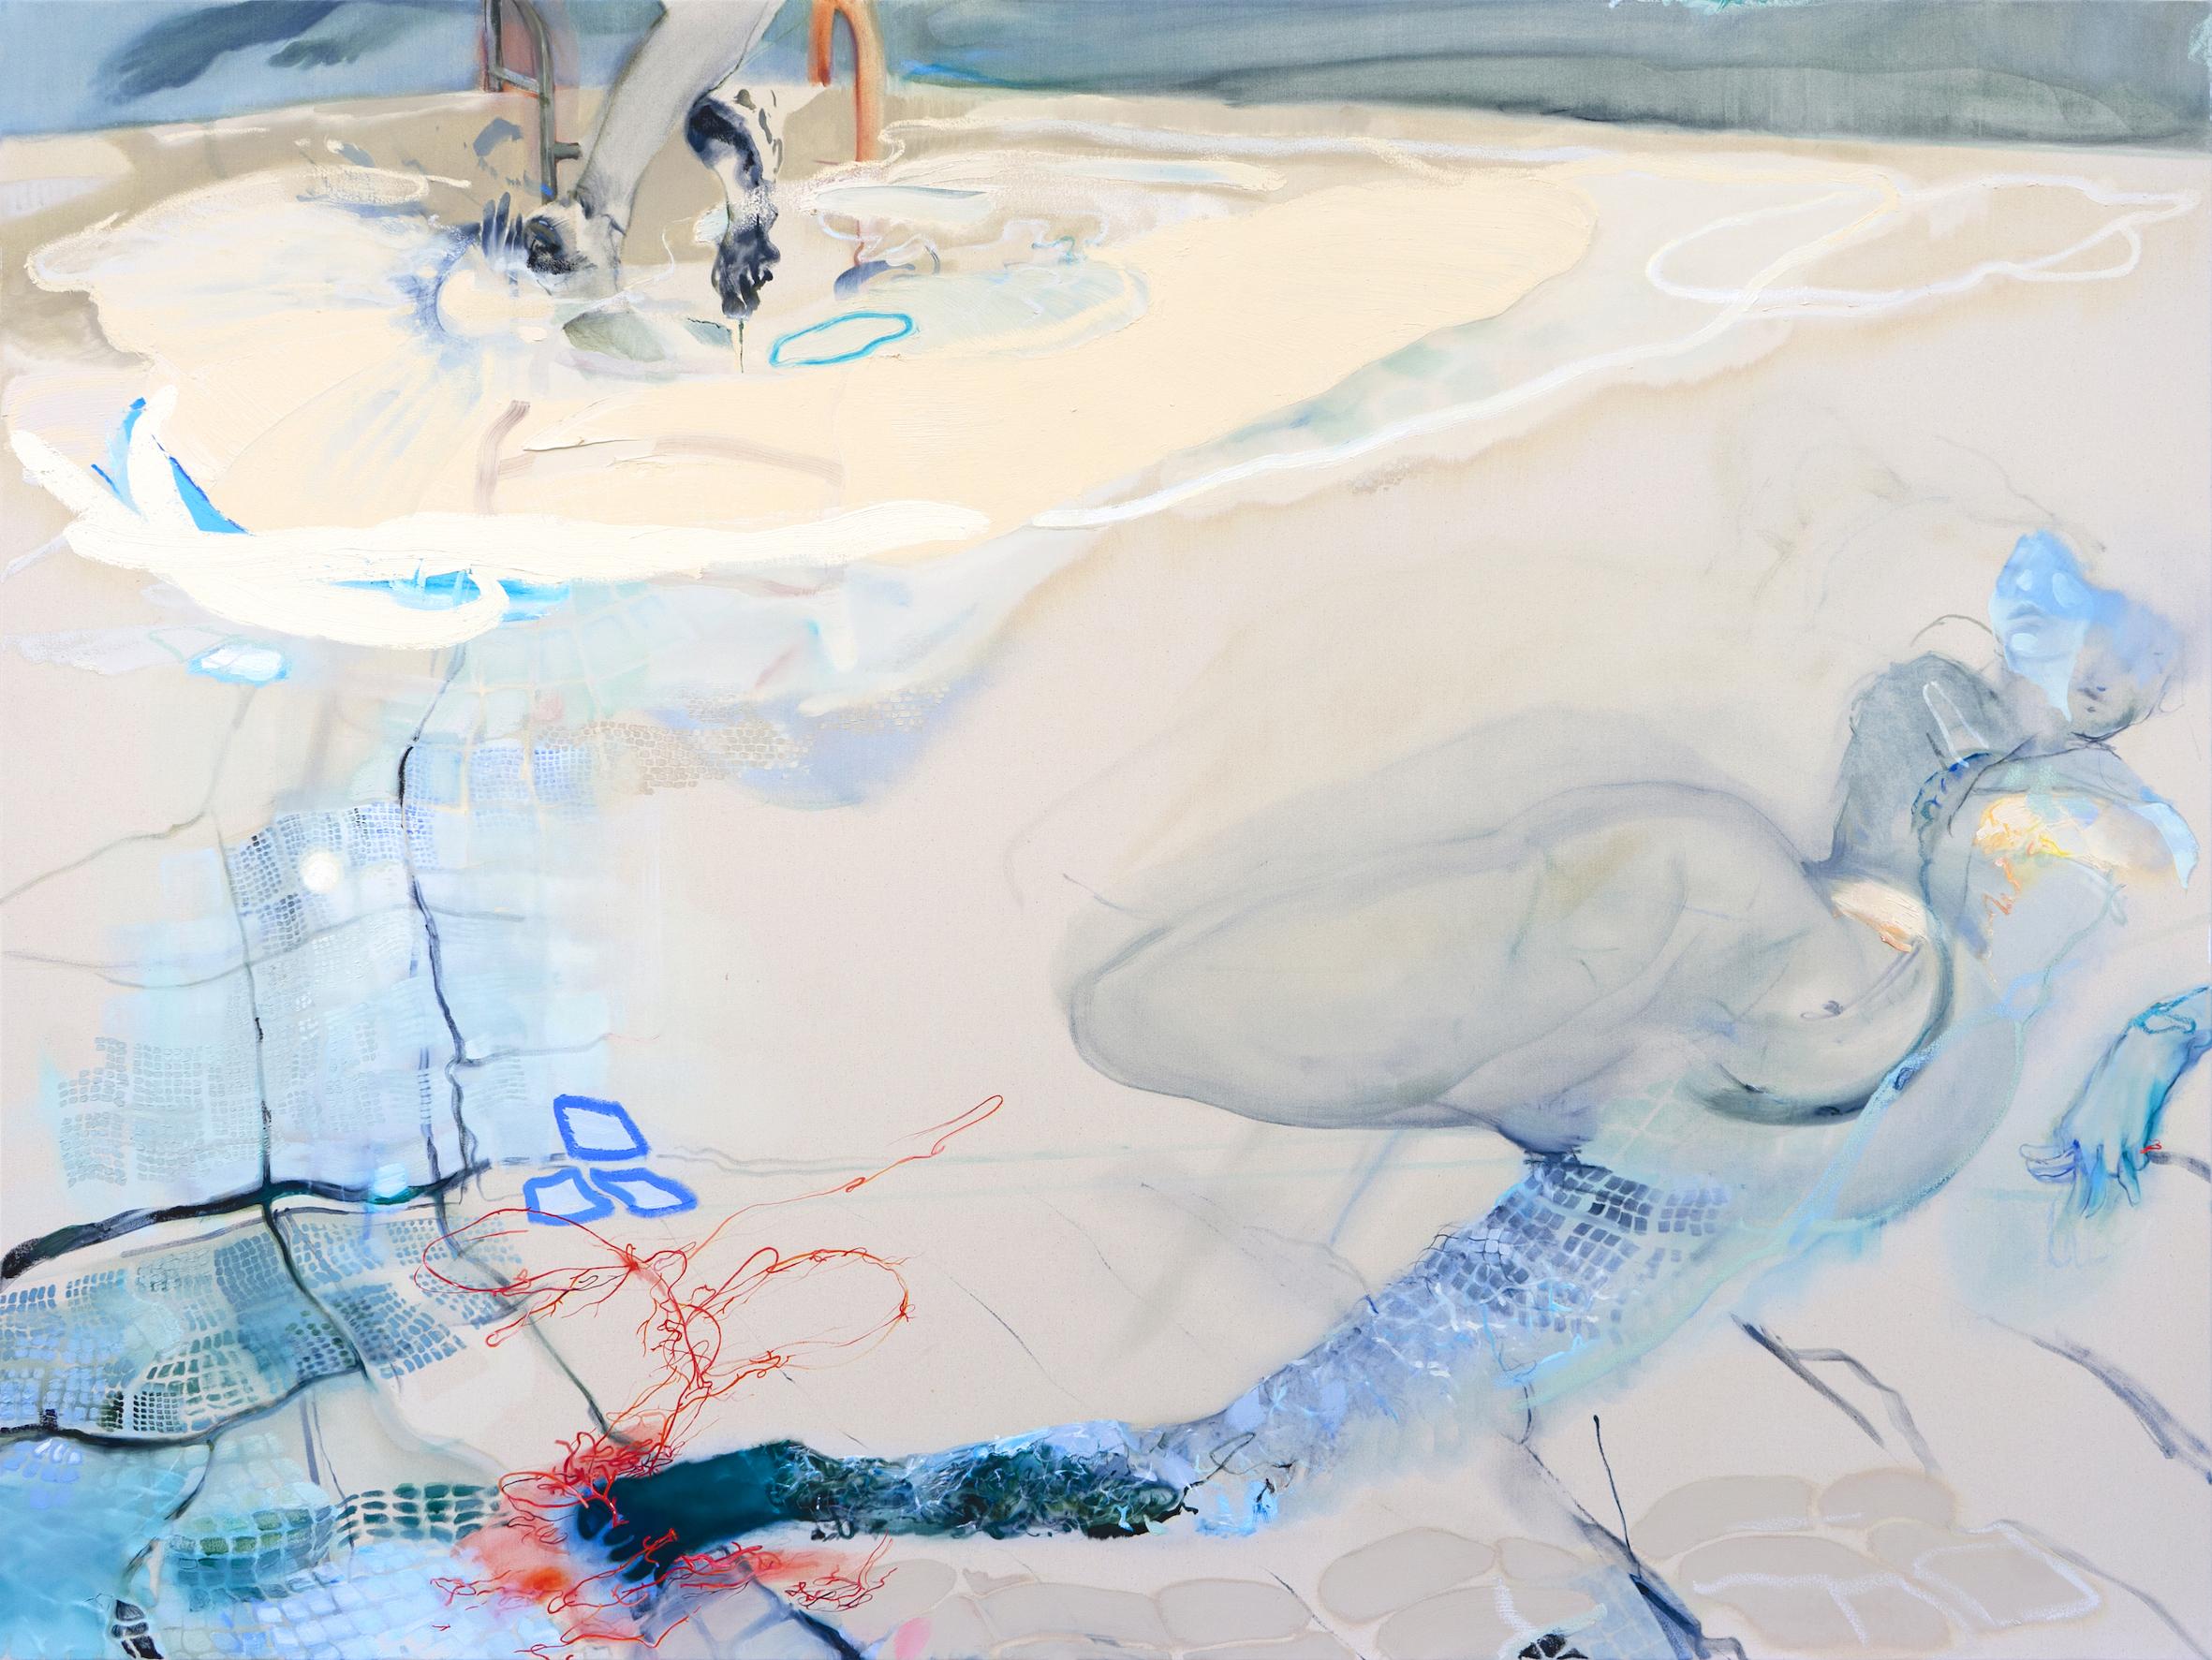 Silt_150 x 200 cm_oil on canvas_2021_Araminta Blue